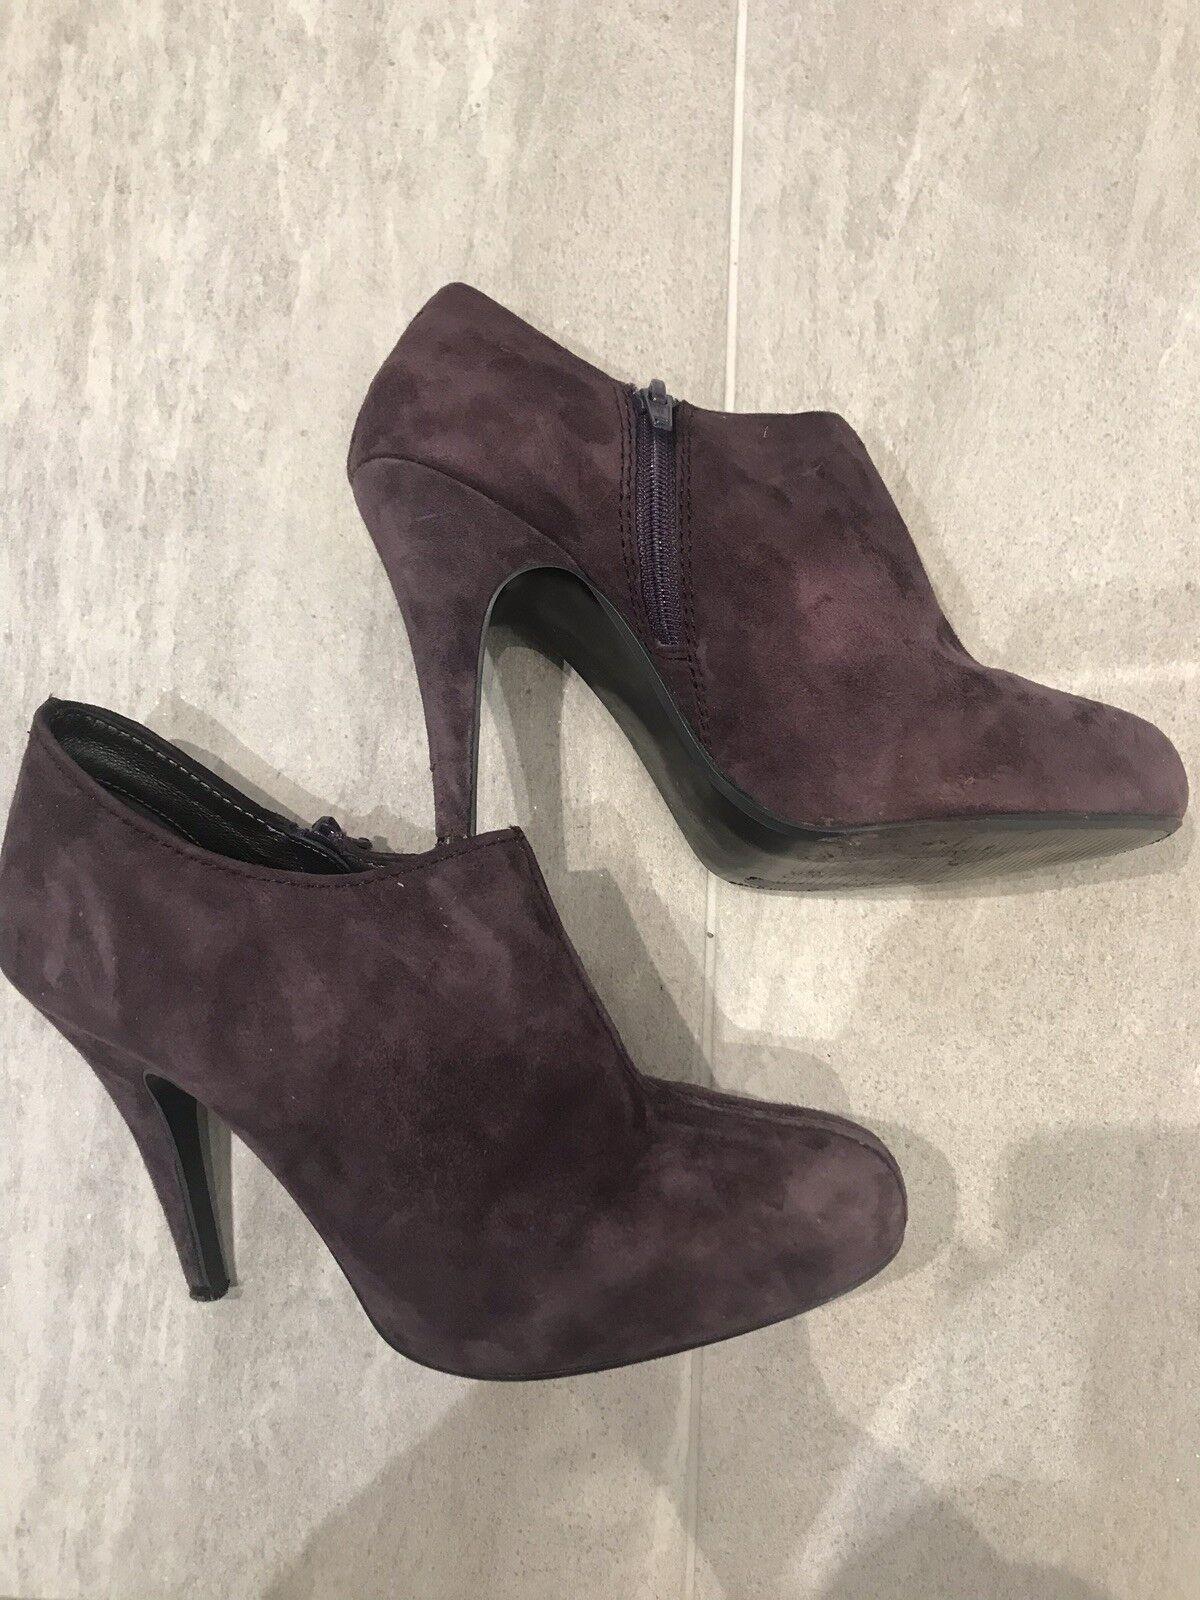 Daim Chaussures Couleur 5 En Aubergine 4 Bottes Taille MUSzGqVp